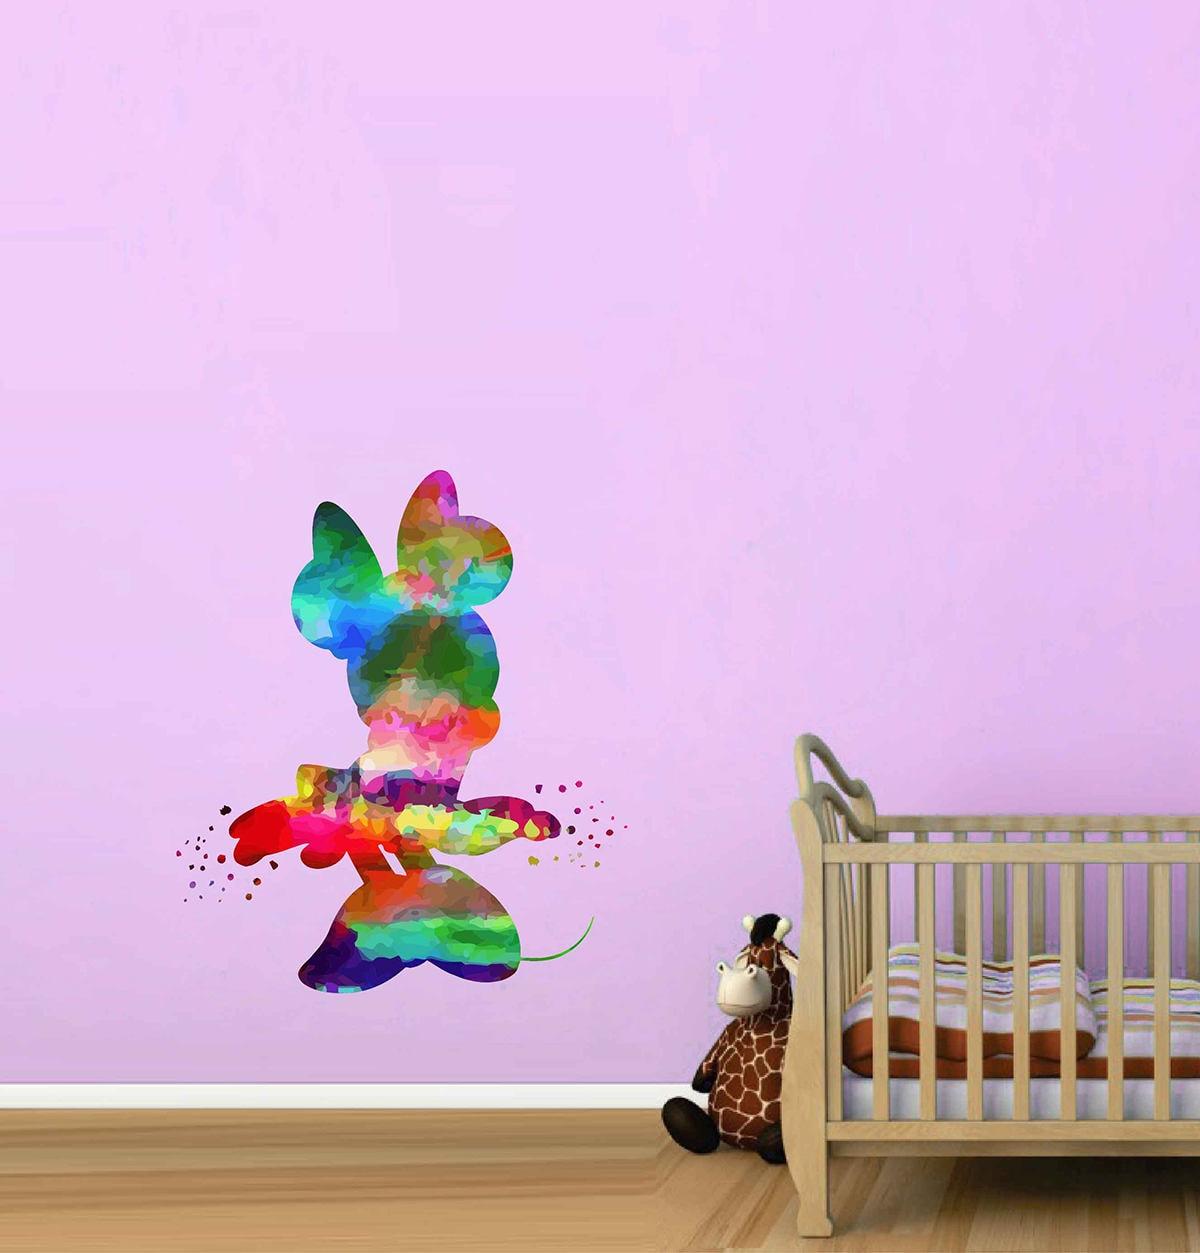 Minnie Maus Wandtattoos Disney Minnie Maus Aufkleber | Etsy